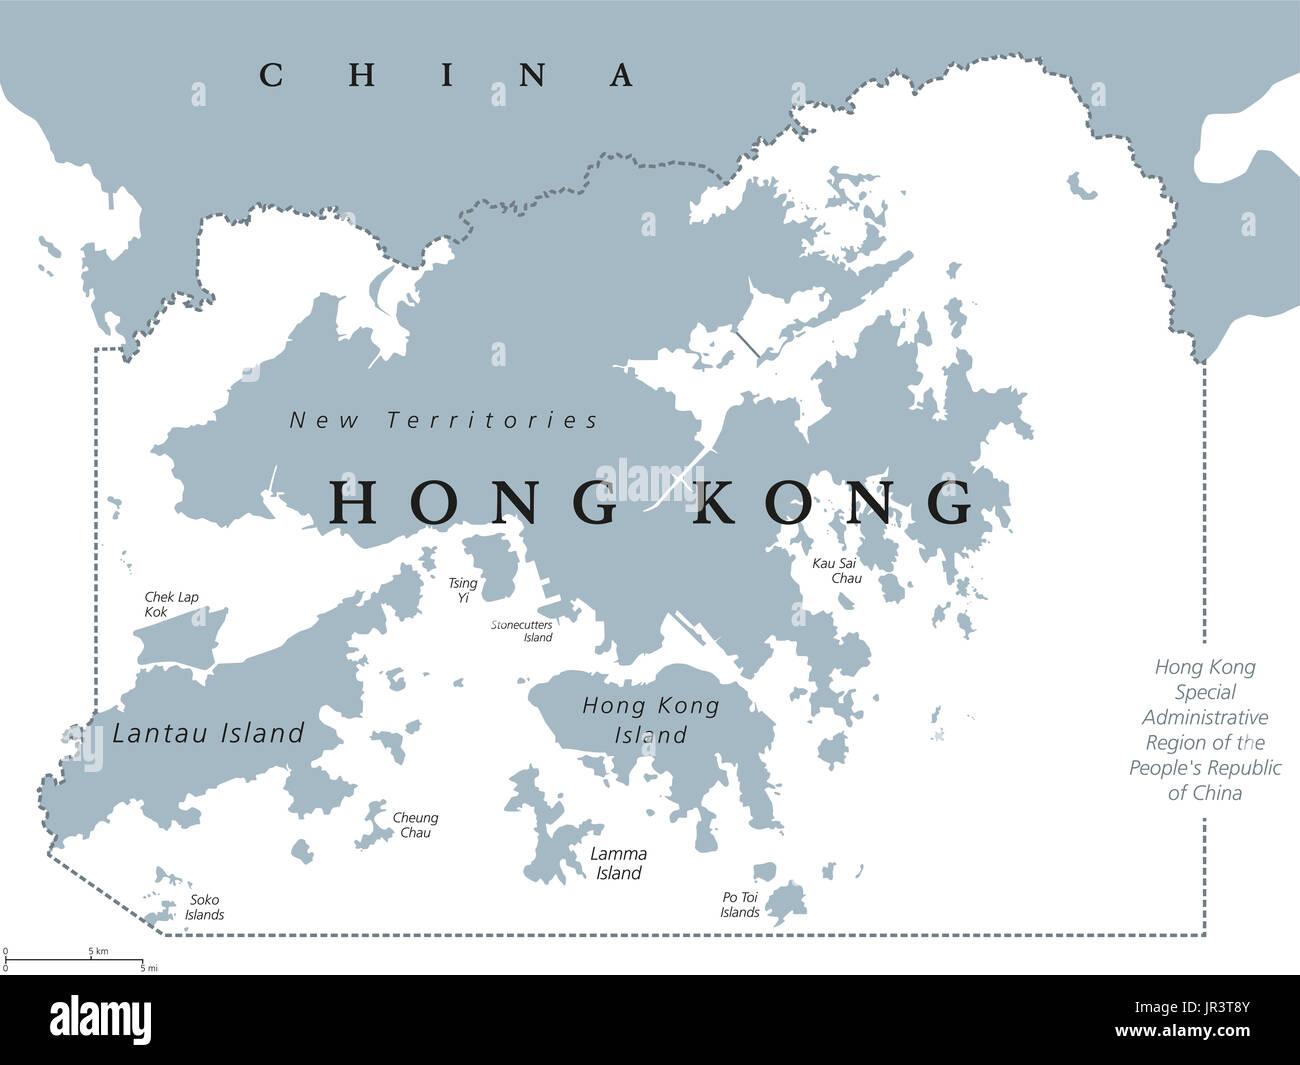 Hong Kong And Vicinity Political Map English Labeling Hong Kong - China political map in english